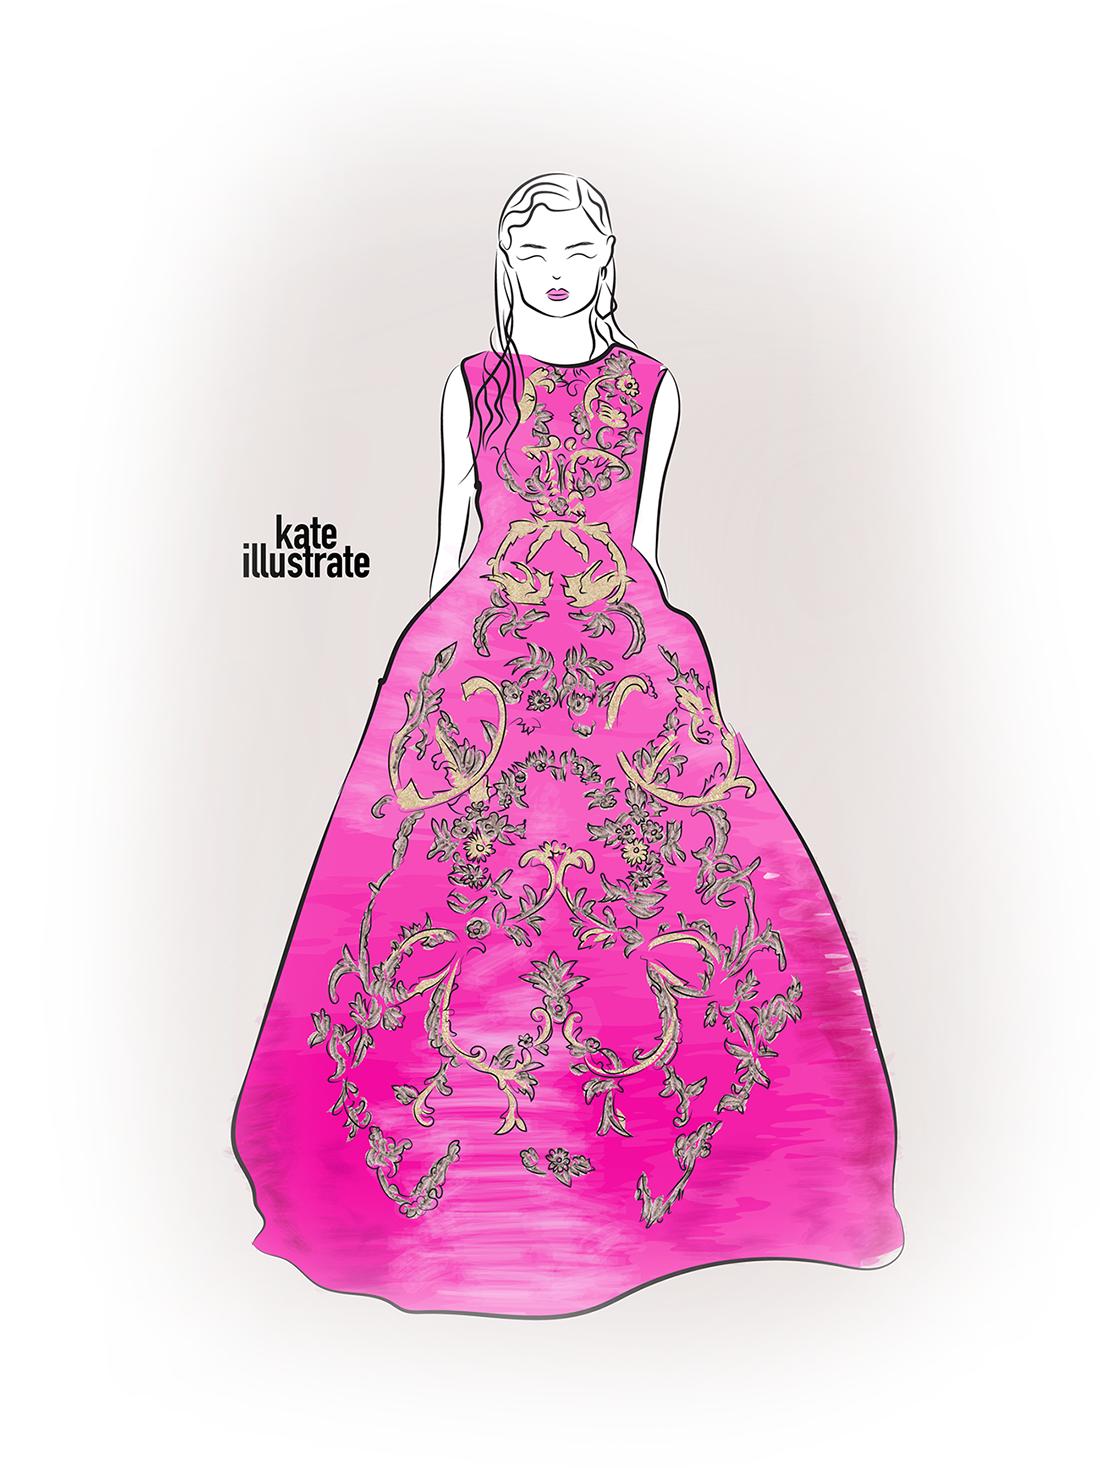 fashion-illustration-kateillustrate-oscar-de-la-renta-blog